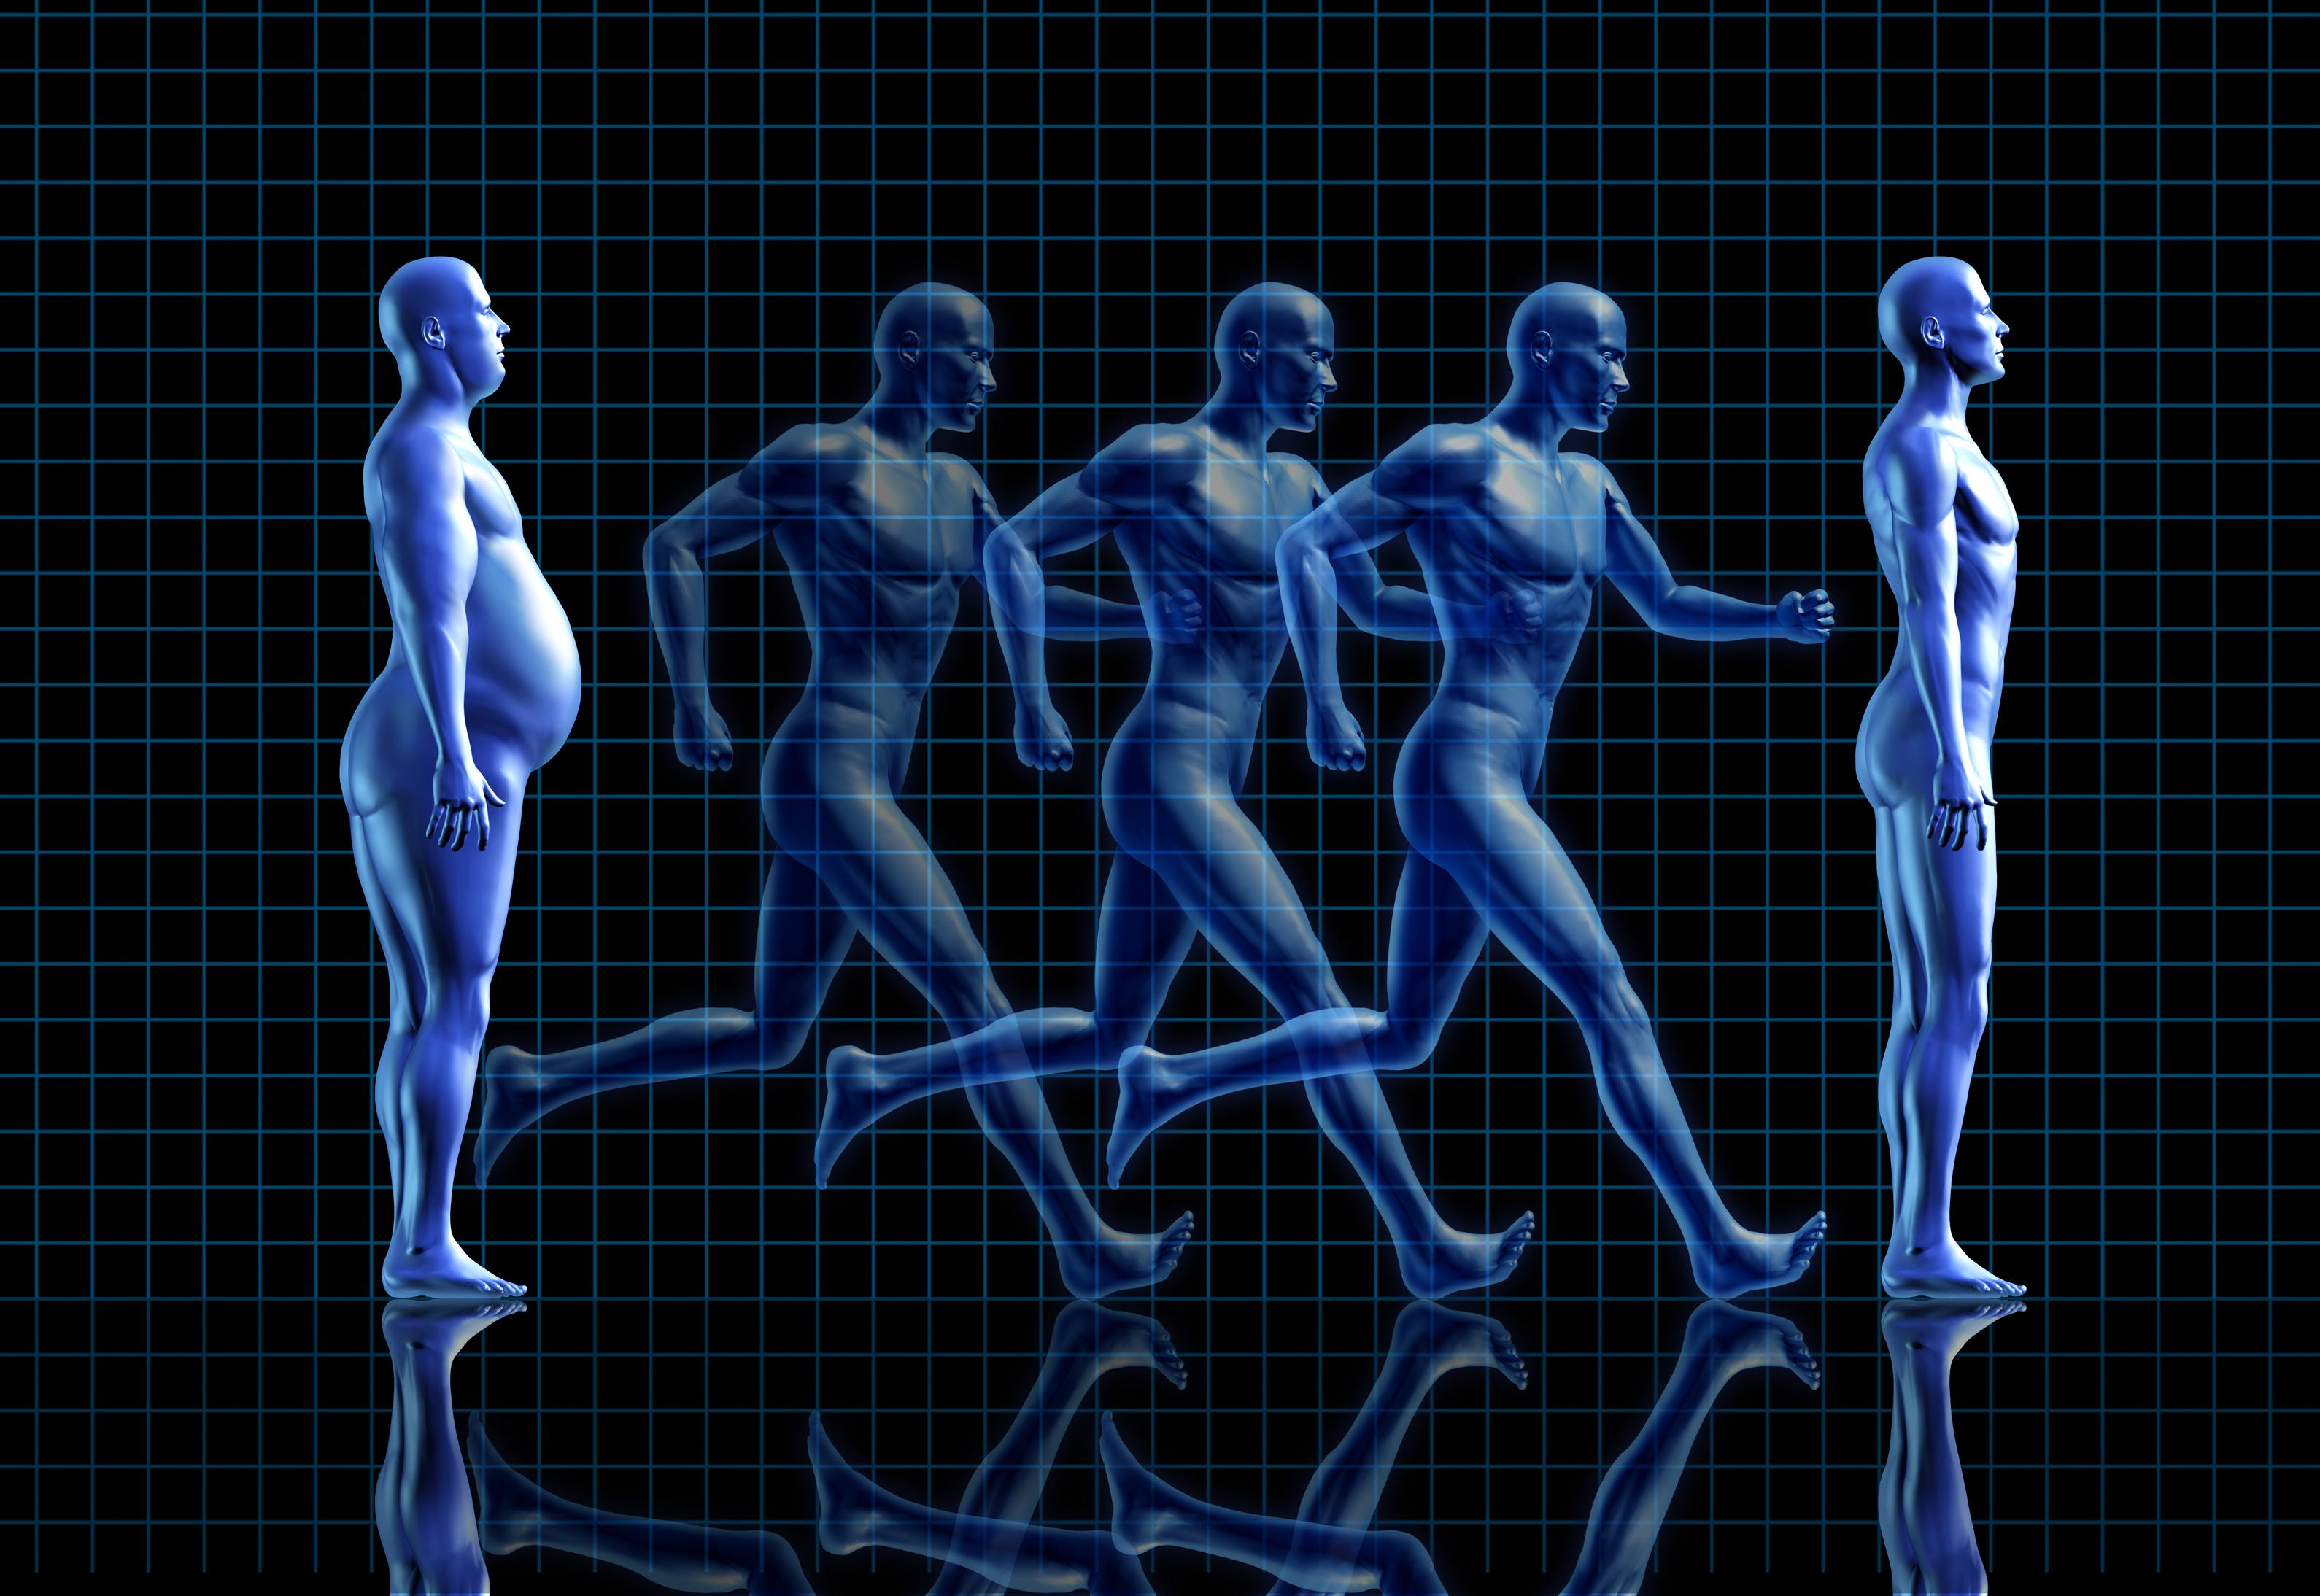 Proč běháním nehubnu?